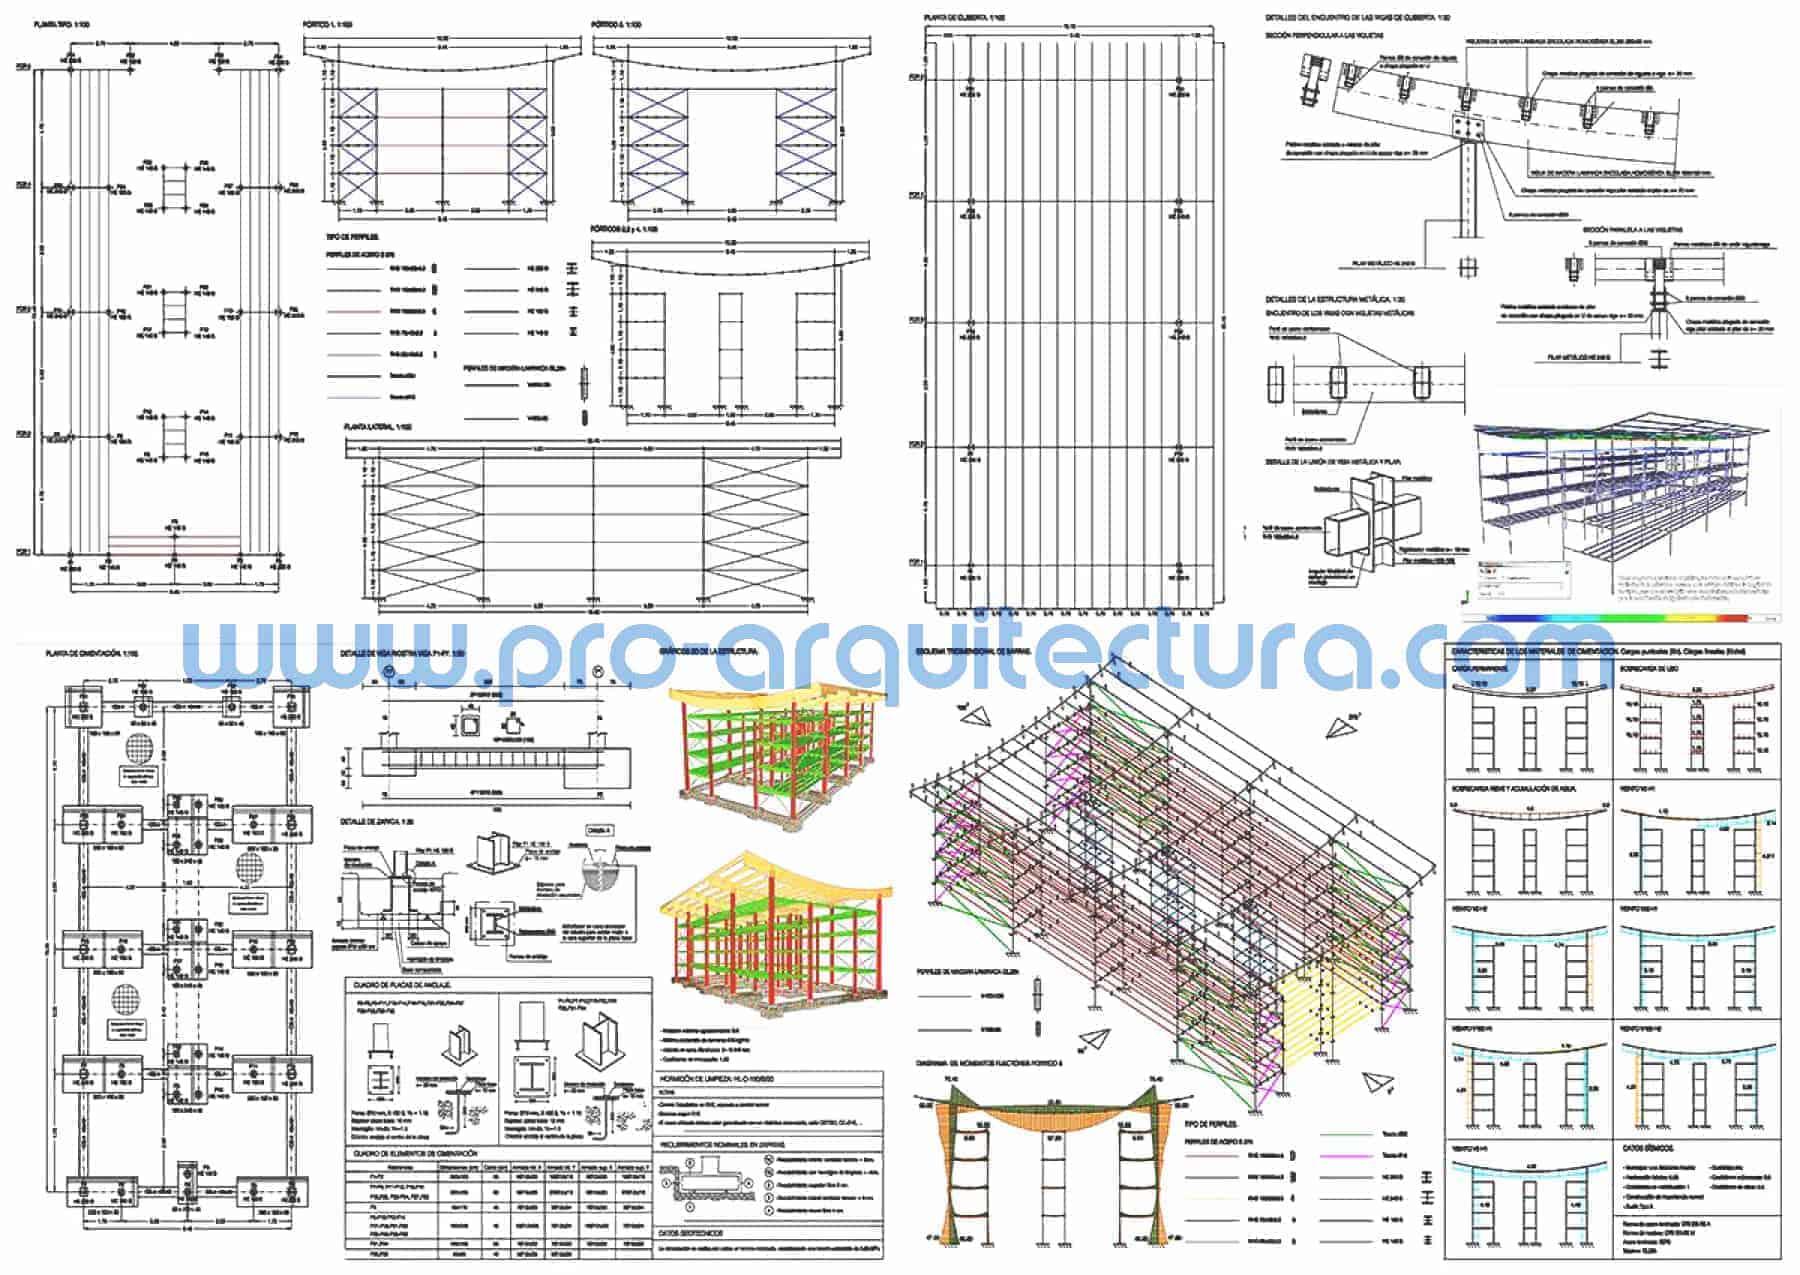 0066-01 Edificio portuario - Marina seca - Planos de estructuras - Tu ayuda con la entrega de la estructura del pfc pfg tfg tfm de arquitectura.